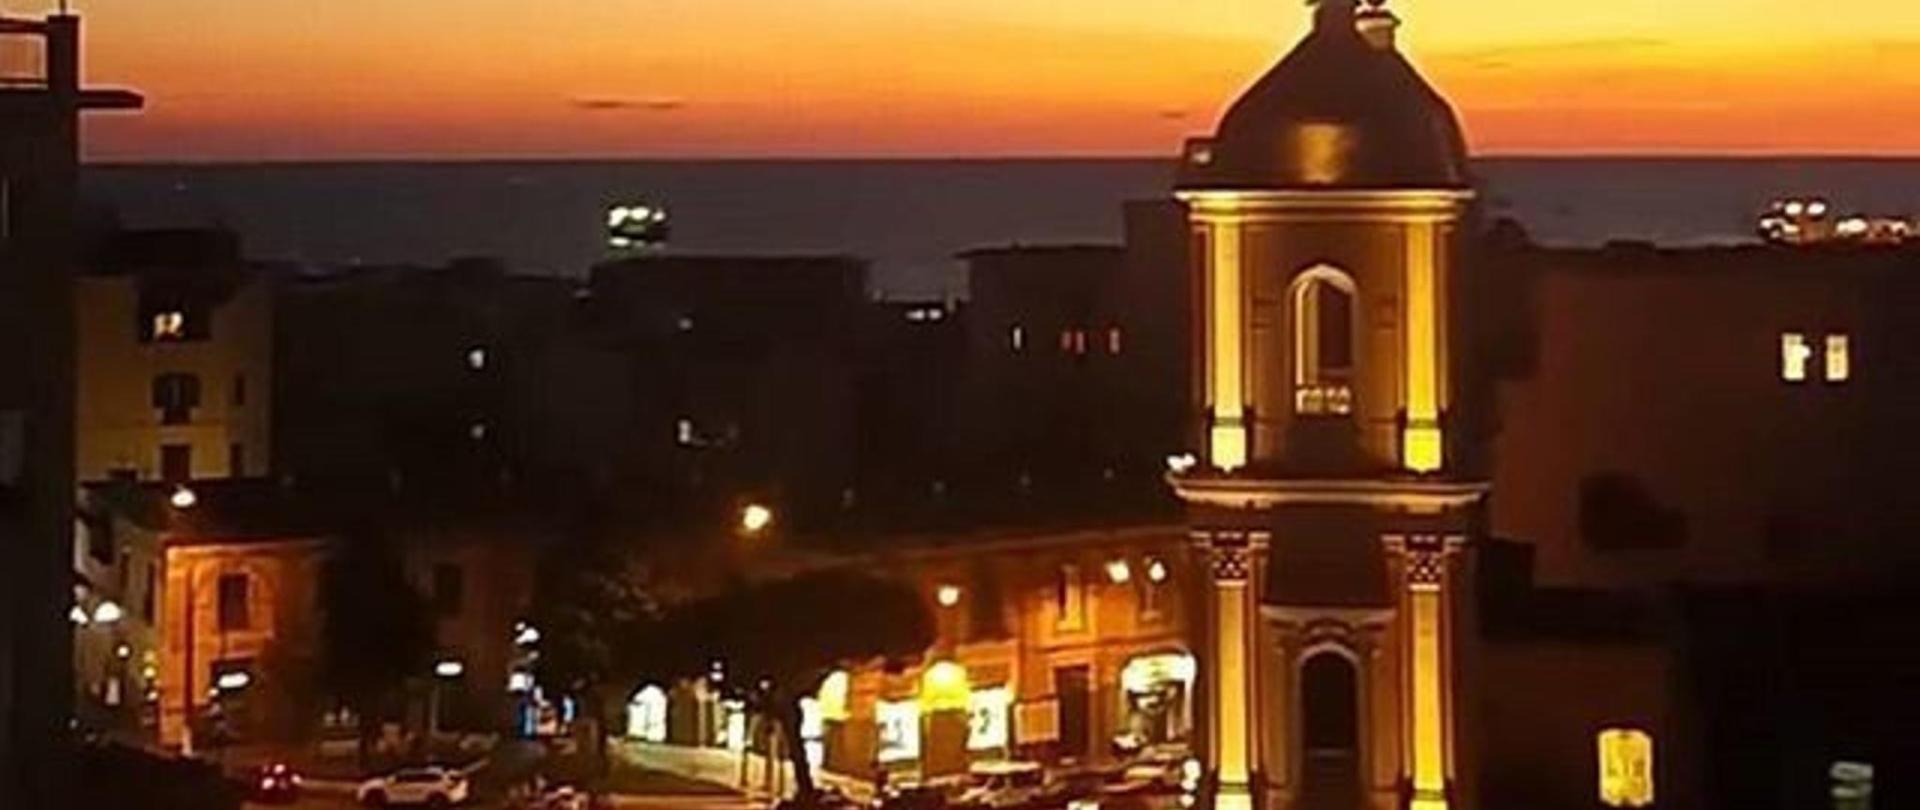 piazza-san-ciro-portici-tramonto-da-casa-di-clelia-piazza-sanciro-portici-napoli-visitnaples-visititaly-italy-italianstyle-italiaislove-igersnapoli-igerscampania-church.jpg